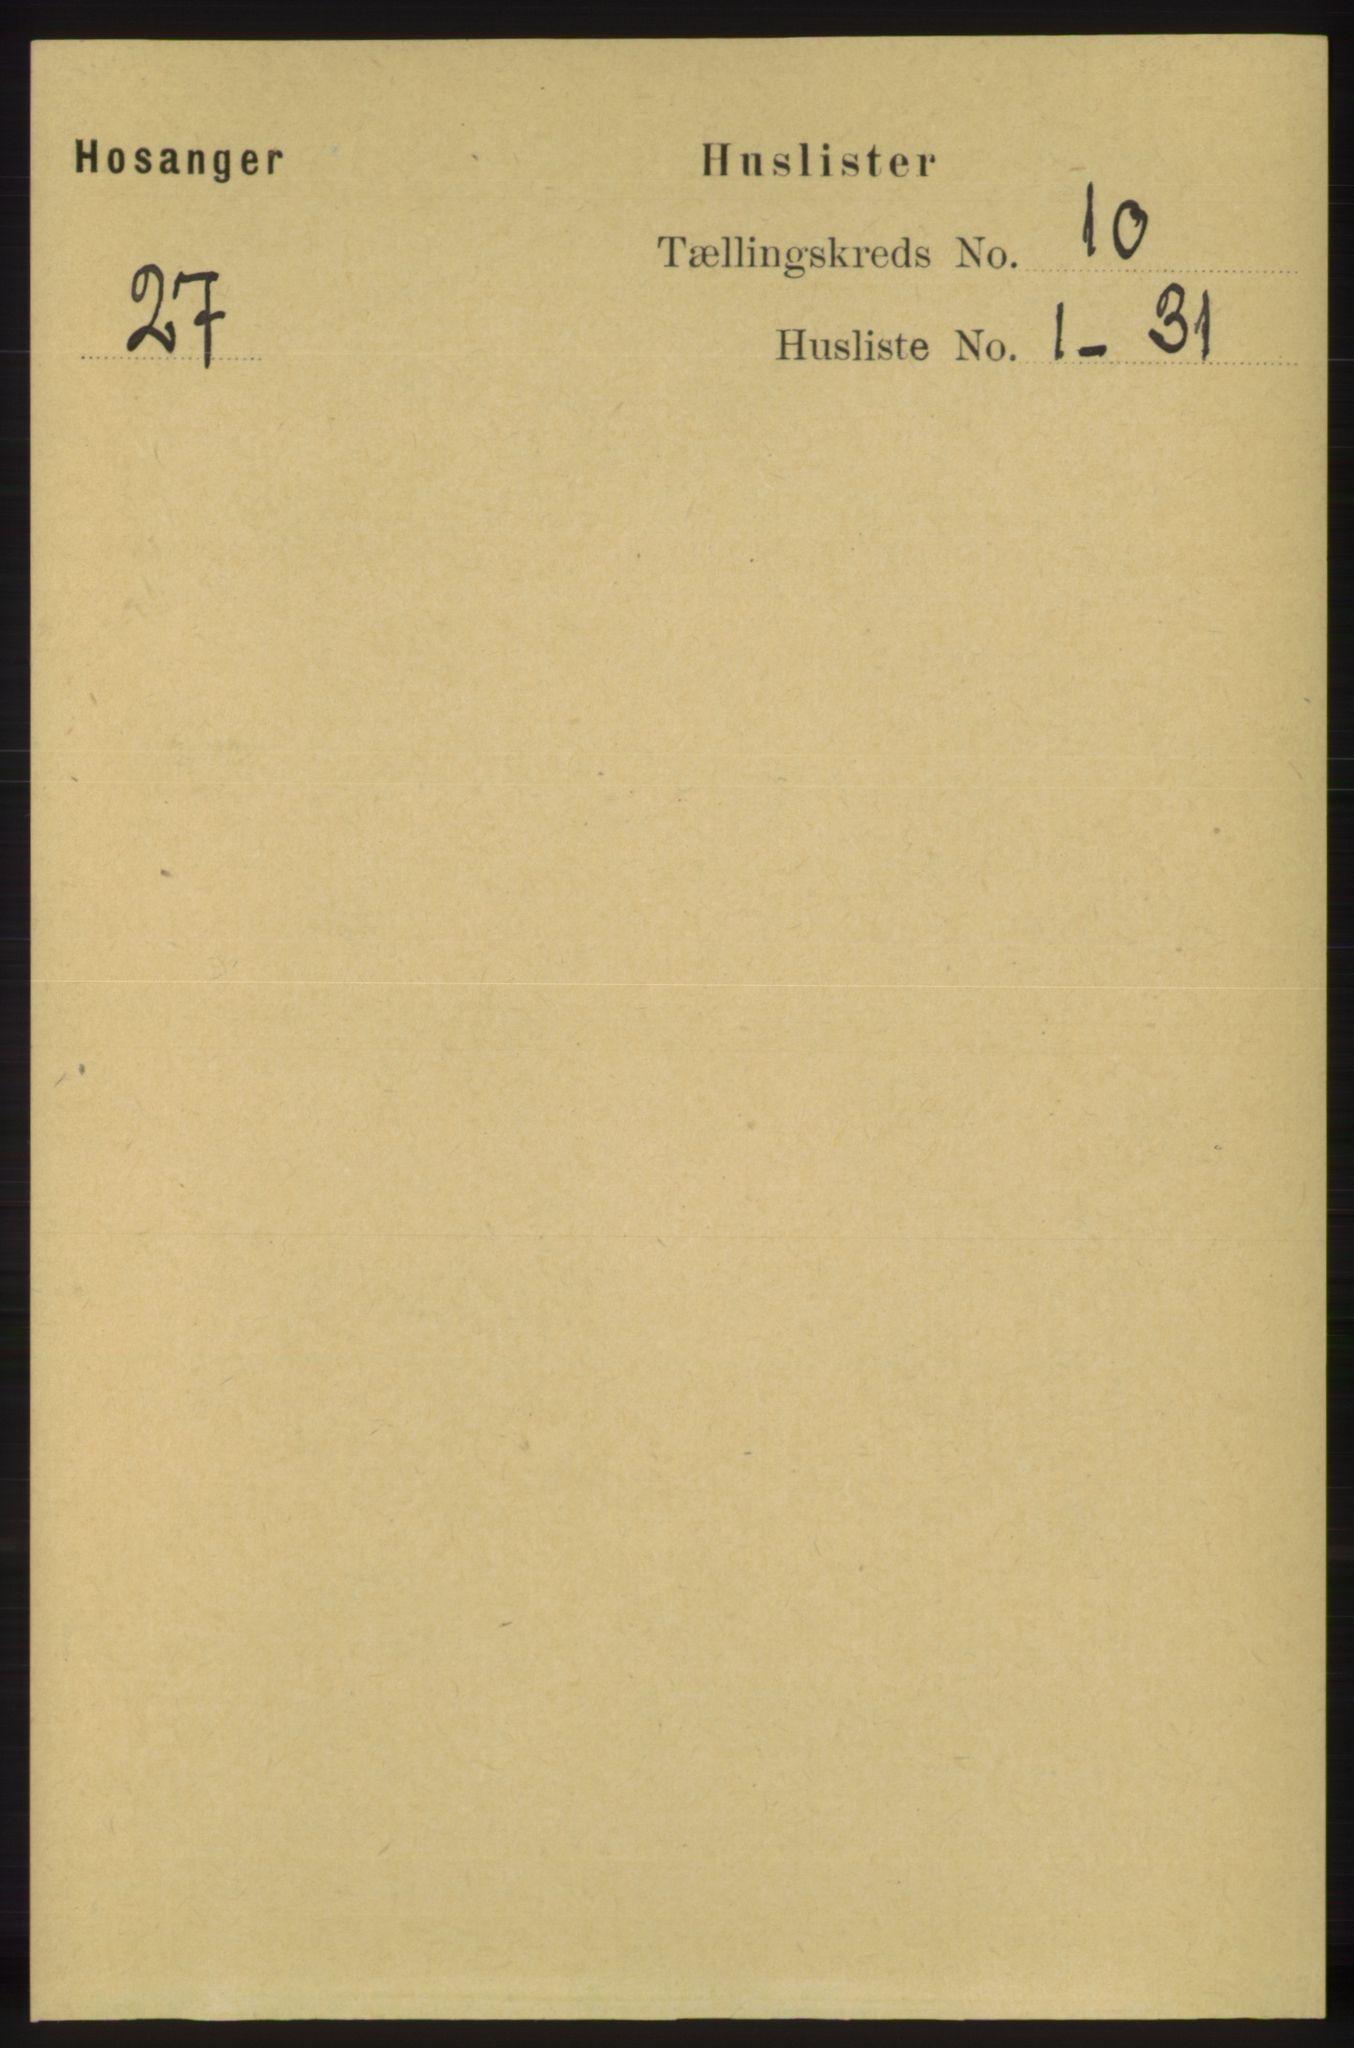 RA, Folketelling 1891 for 1253 Hosanger herred, 1891, s. 3425